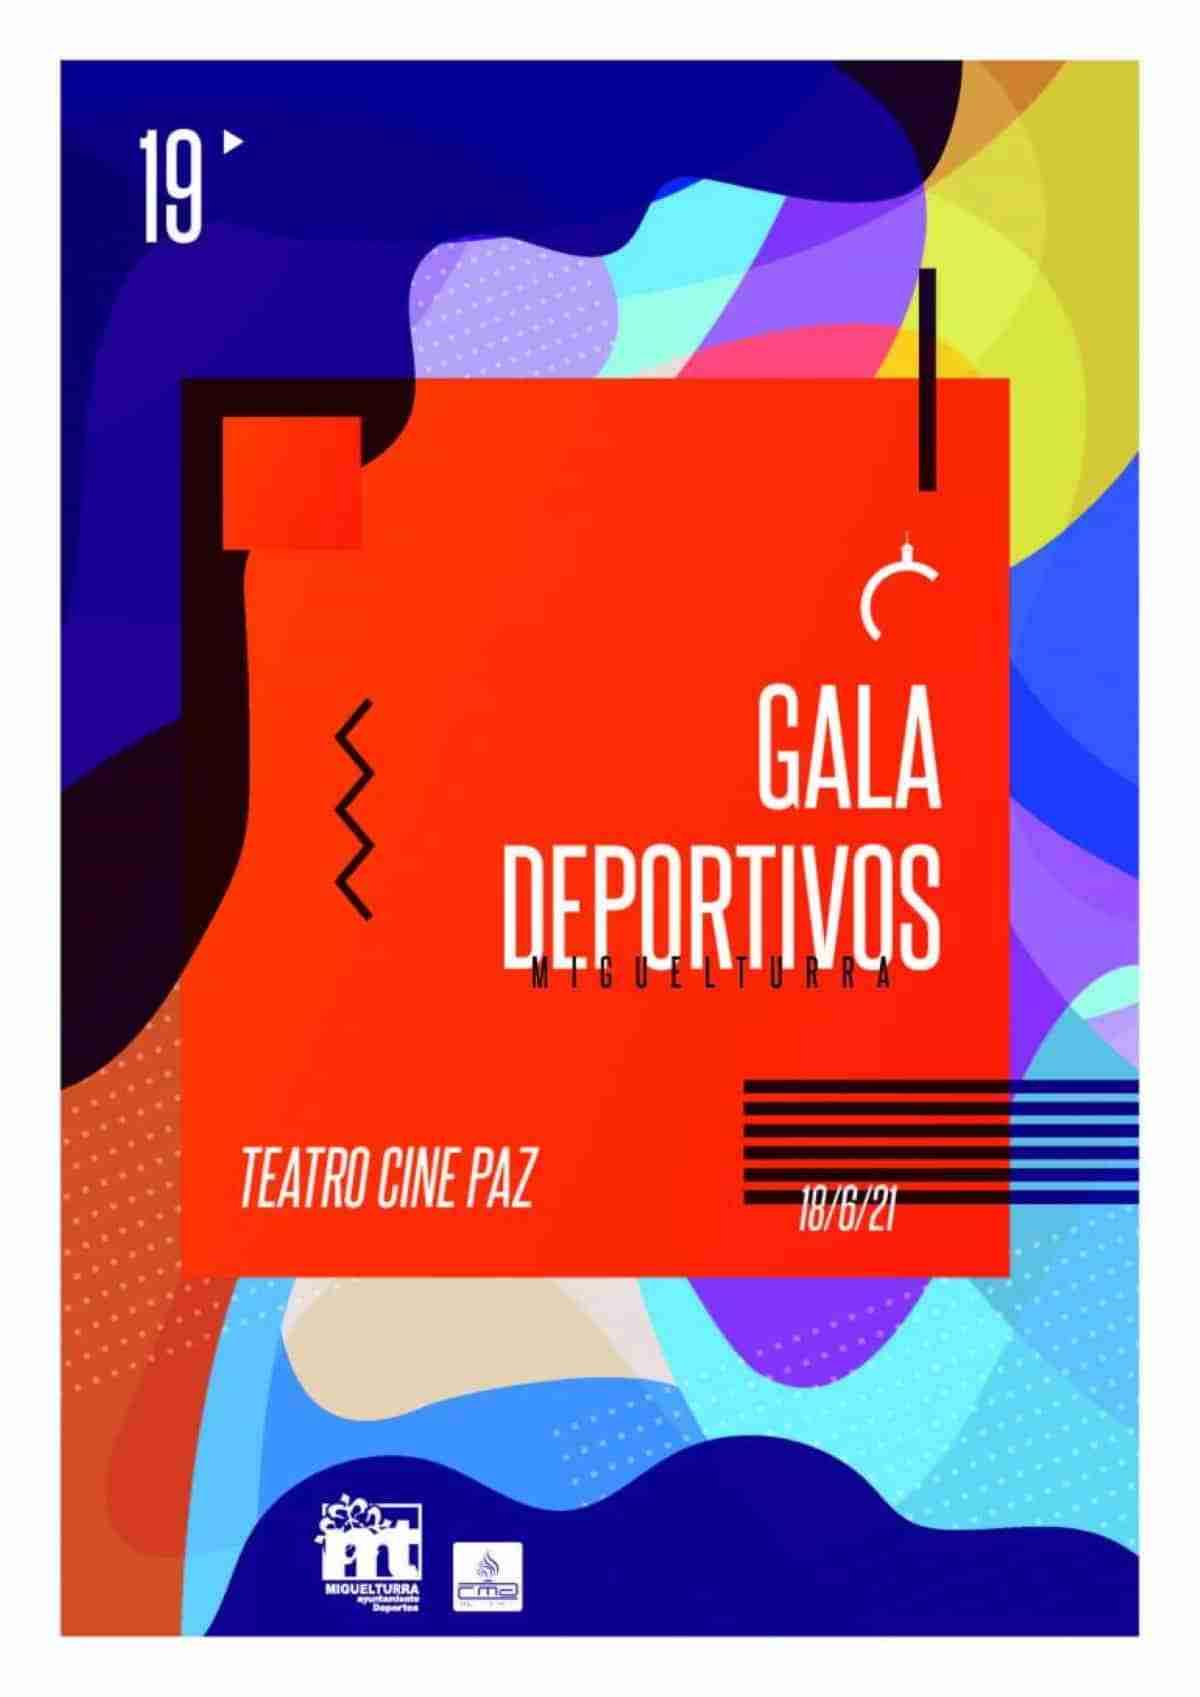 gala deportivos miguelturra 2019